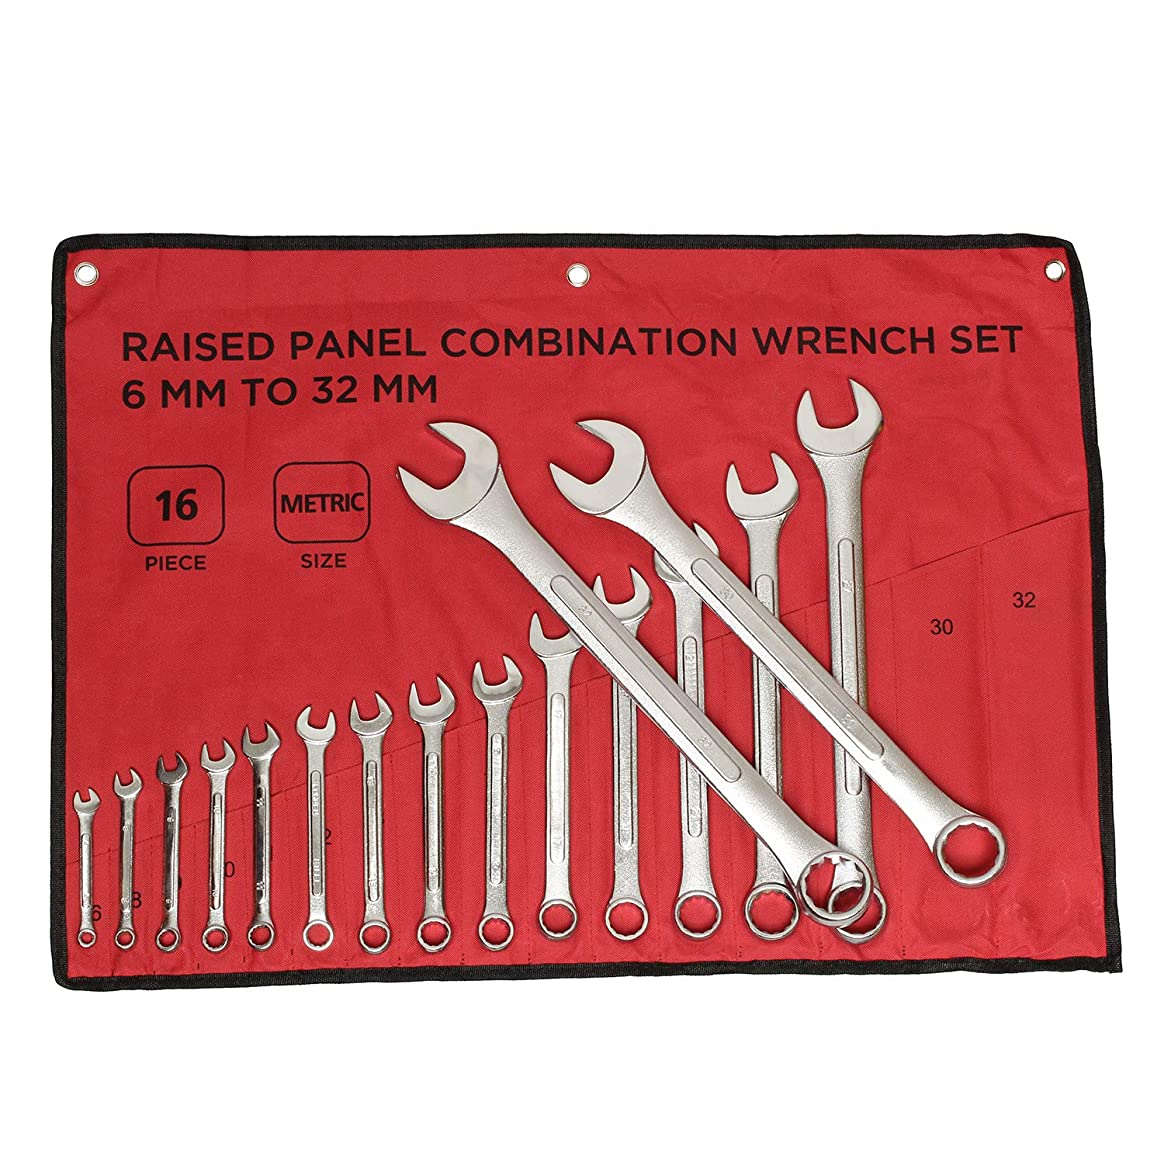 少数リスシロクマABN?   Raised Panel Combination Wrench Set Metric Wrench Set Metric Wrenches Set 6mm-32mm 16pc Combination Wrenches Set